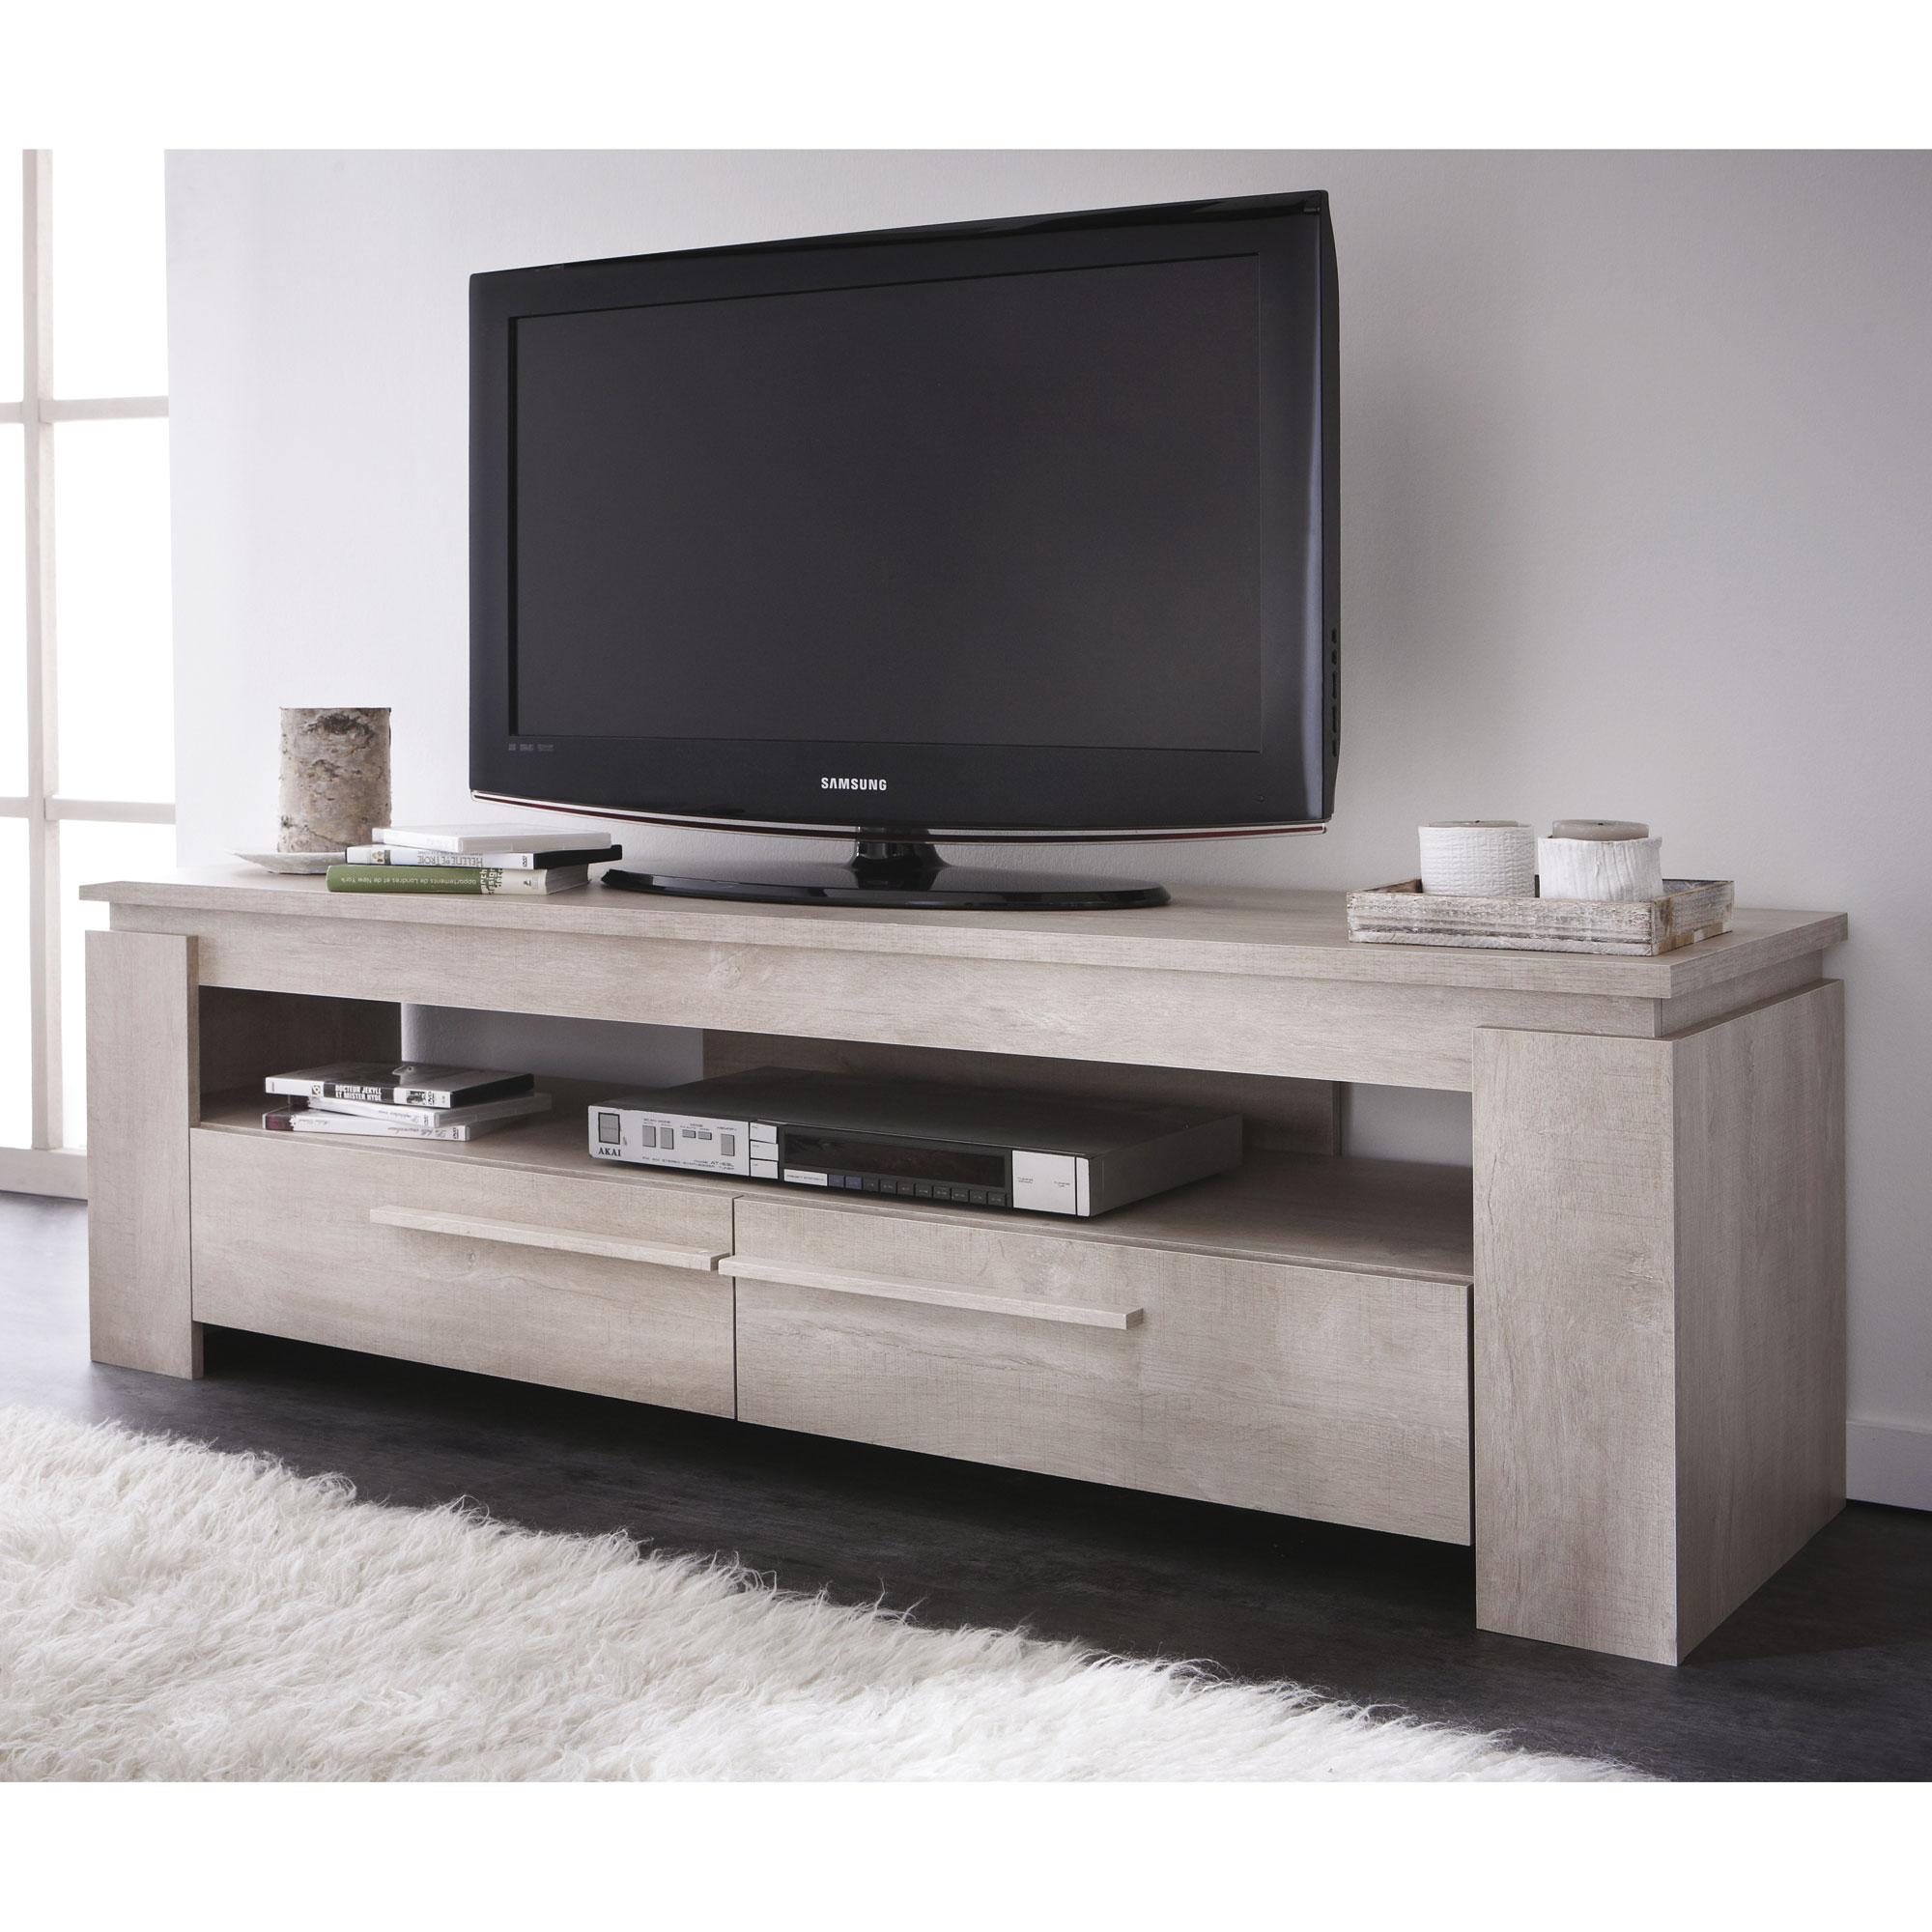 Meuble tele bois et blanc mobilier design d coration d for Meuble tele bas